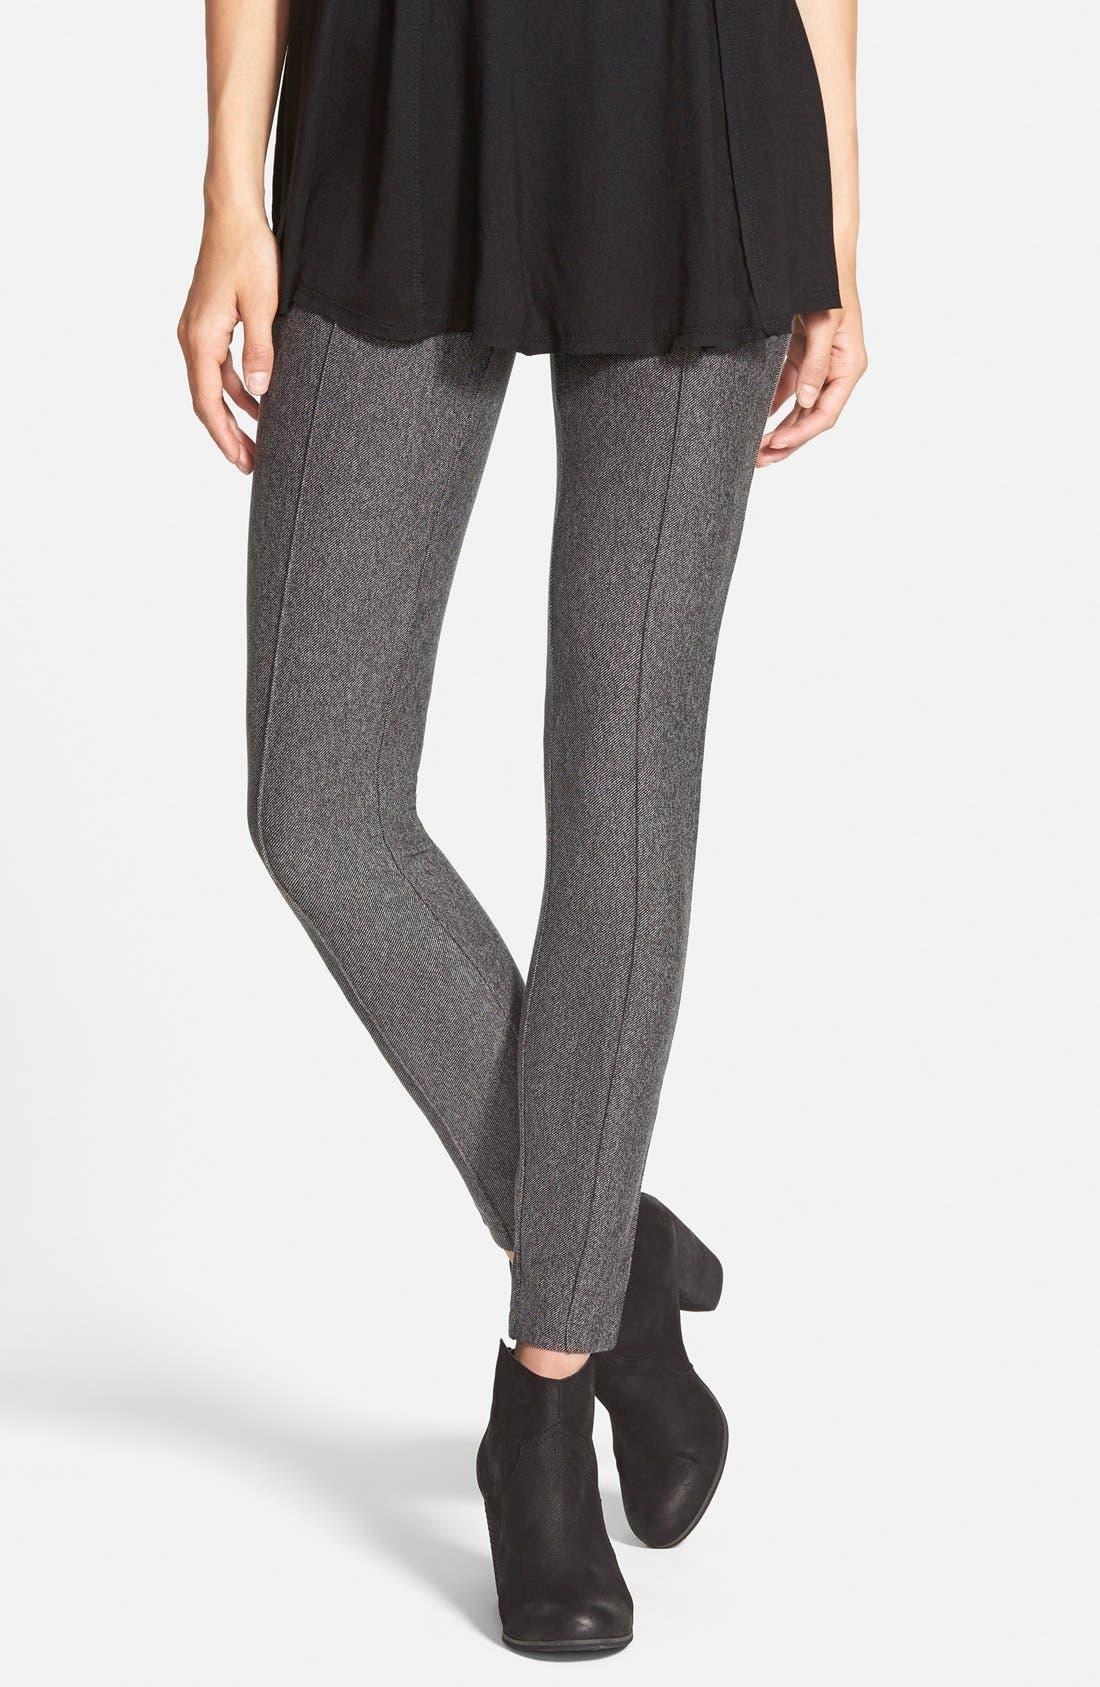 Alternate Image 1 Selected - Hue Tweed Leggings